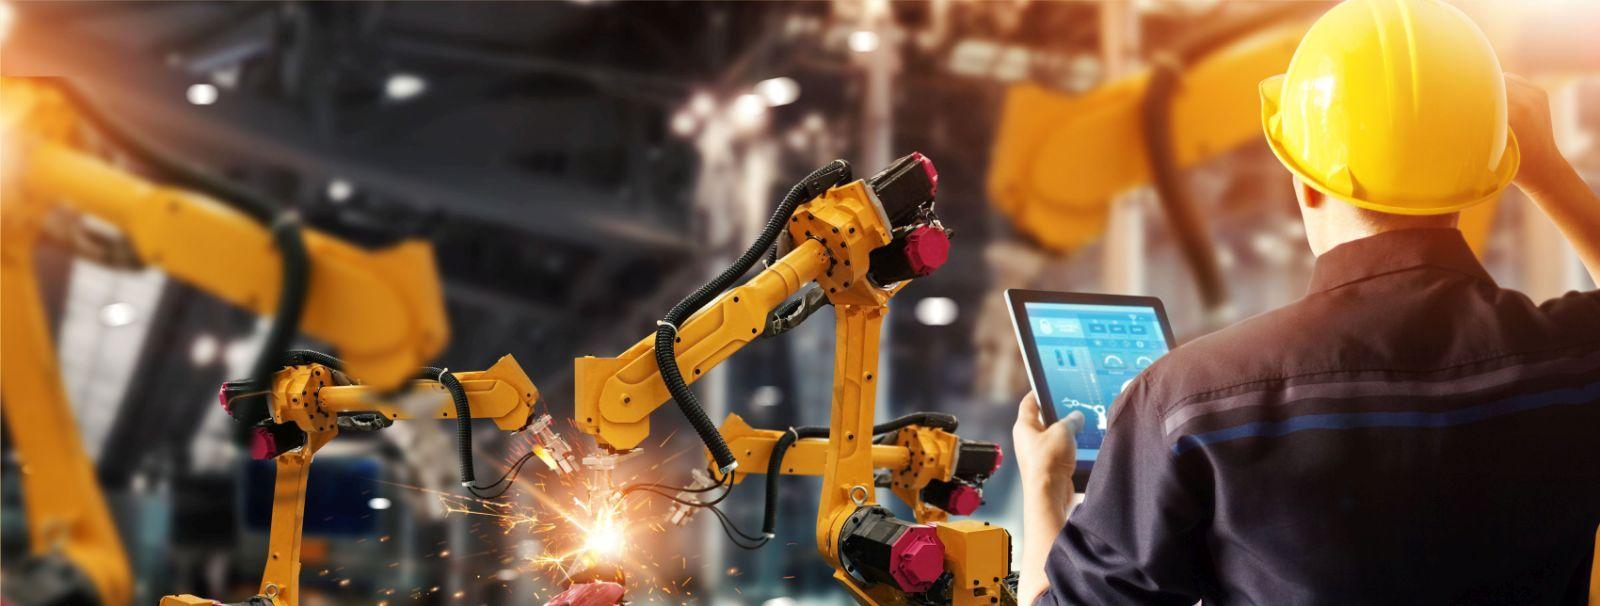 Symbolbild Künstliche Intelligenz: Arbeiter von hinten mit Laptop  vor 2 Roboterarmen in Industriehalle